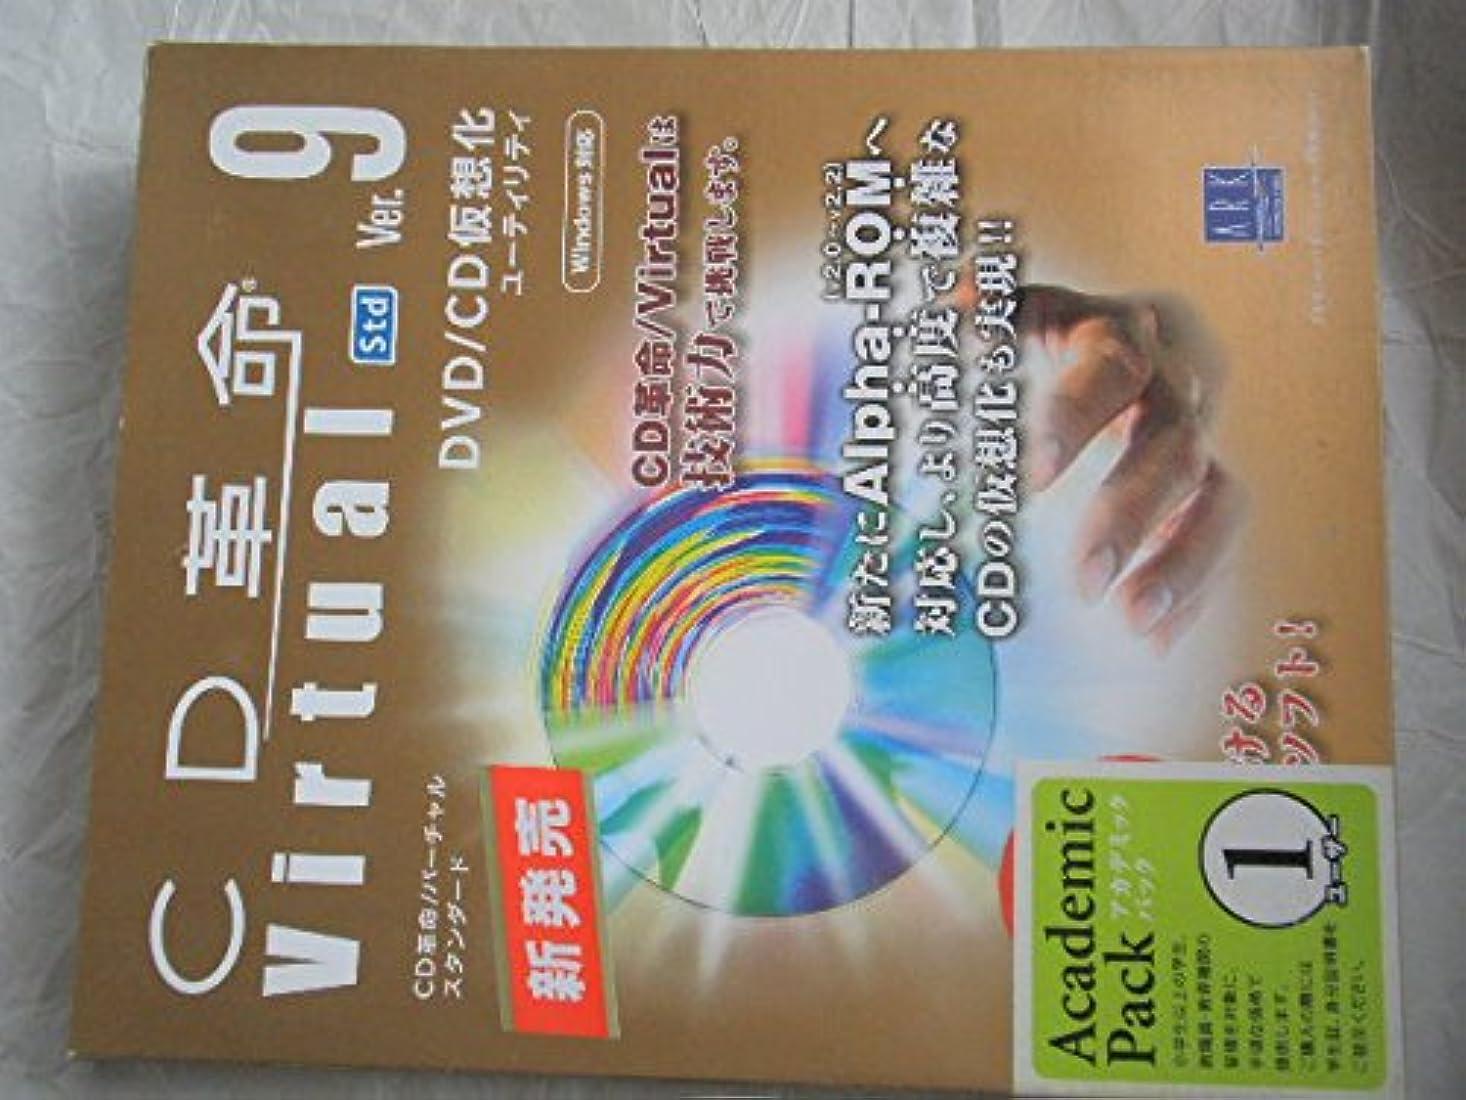 リアル疑わしい反映するCD革命/Virtual Ver.9 Std アカデミックパック 1U